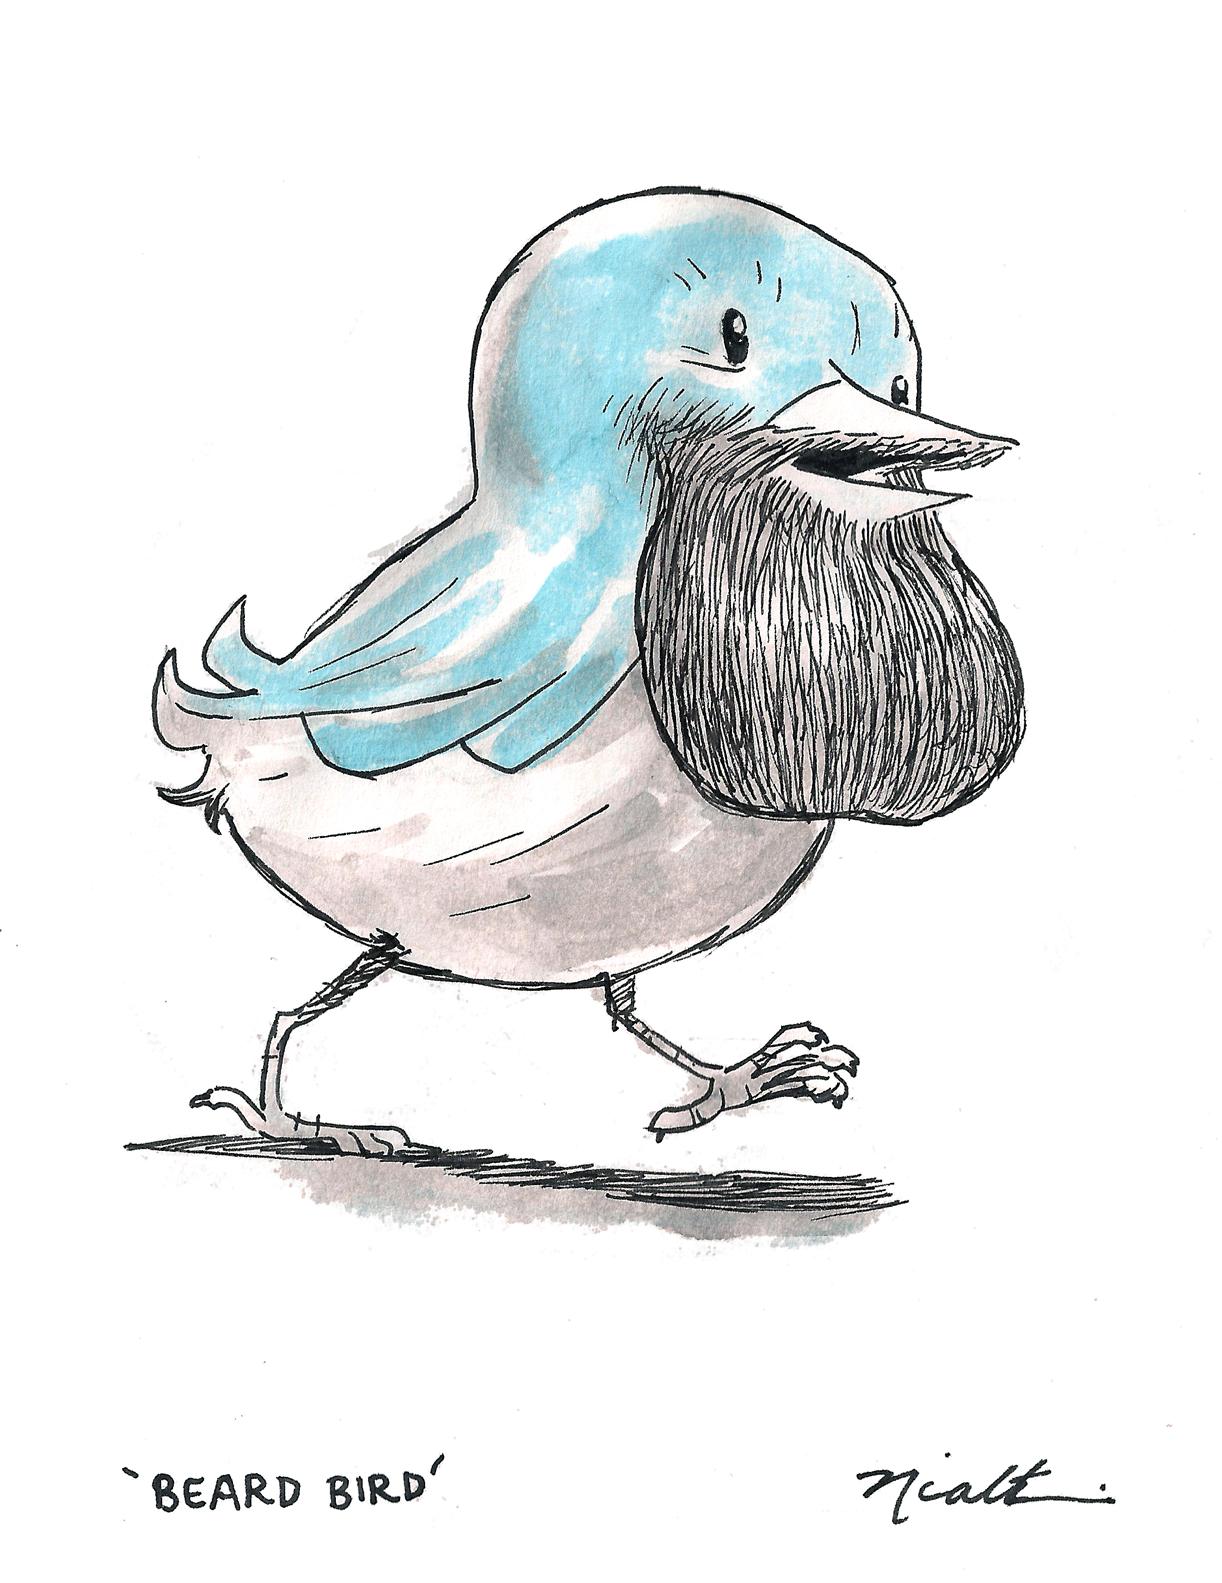 bird in beard